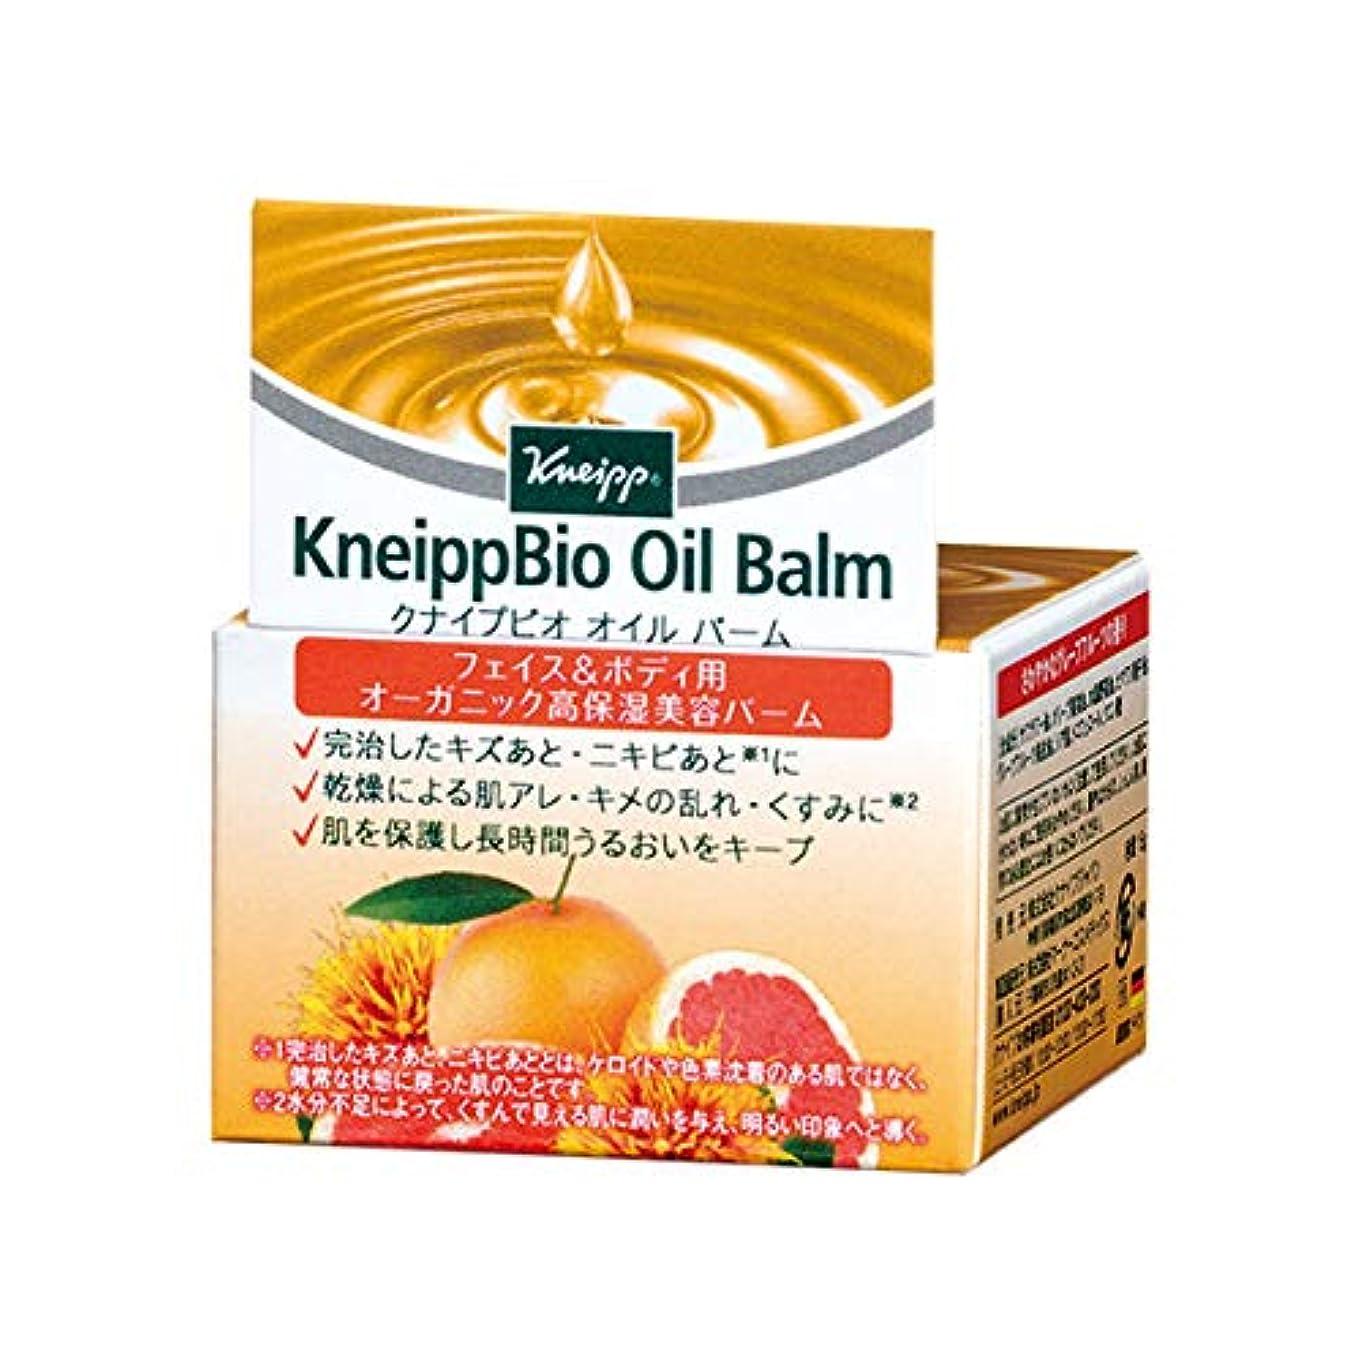 未接続マークされた泥クナイプ(Kneipp) クナイプビオ オイル バーム 15g 美容液